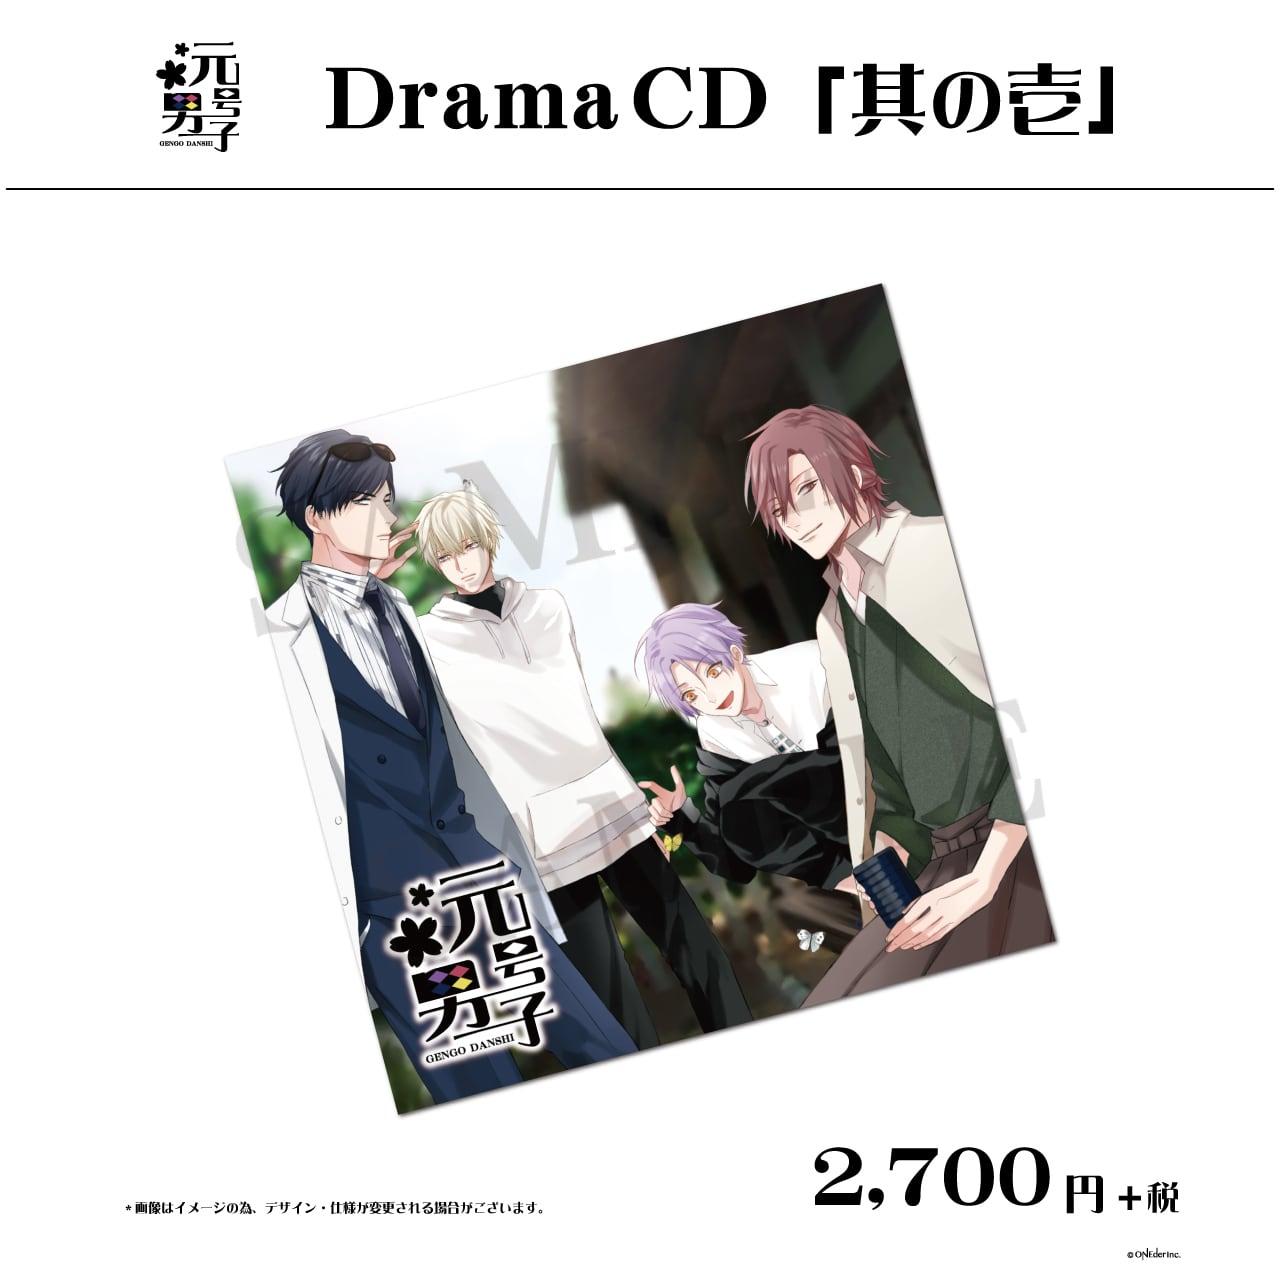 【予約商品同梱】元号男子 DramaCD「其の壱」